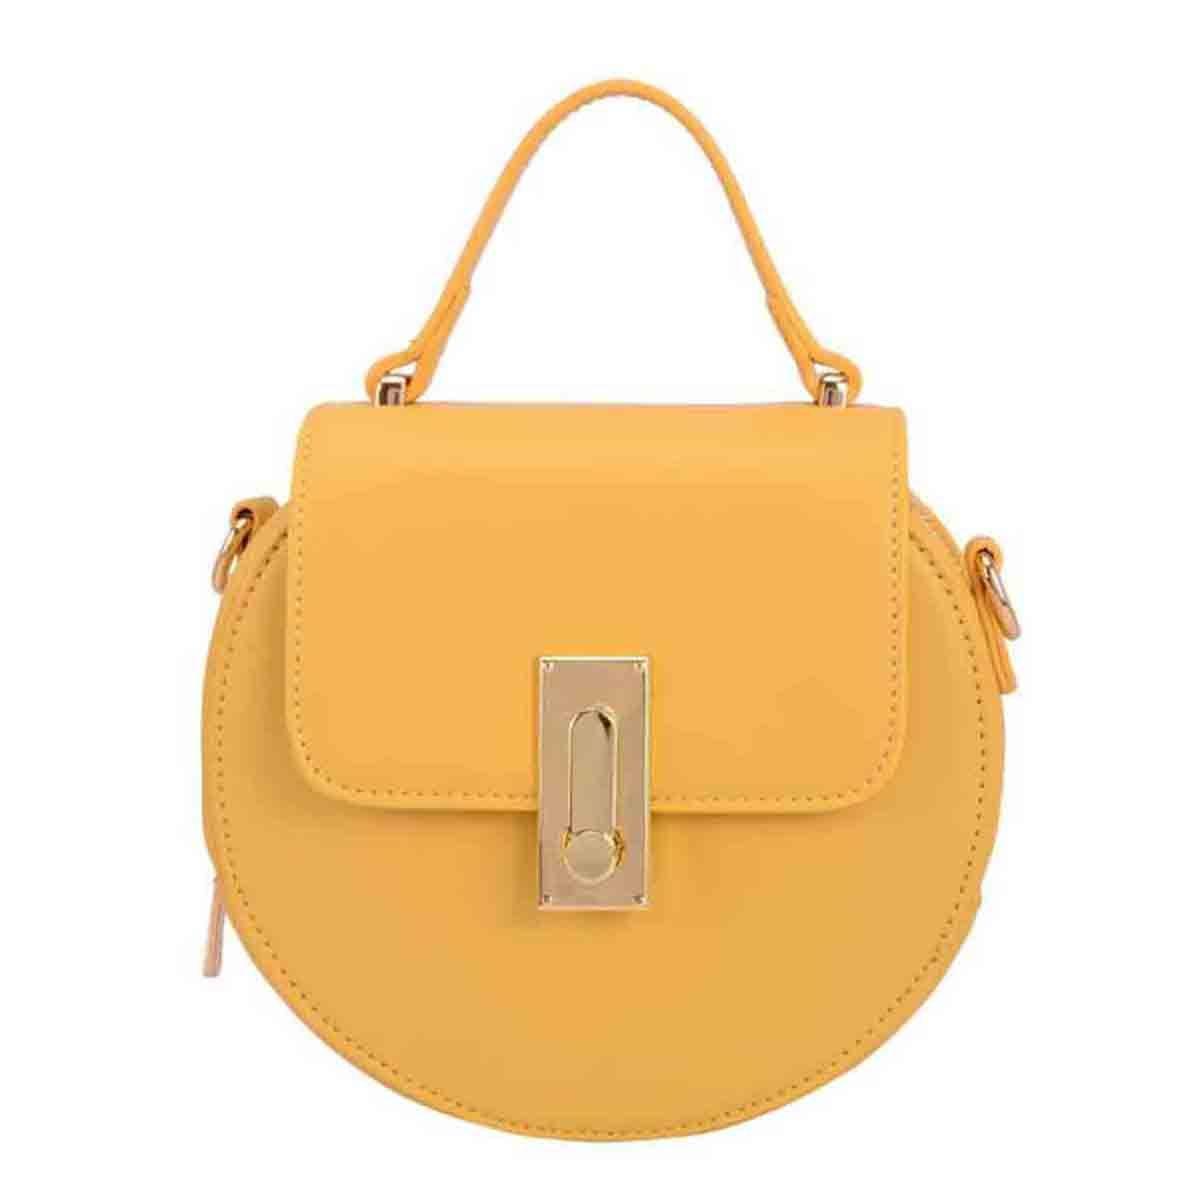 کیف رو دوشی زنانه دیوید جونز مدل 5655 -  - 14